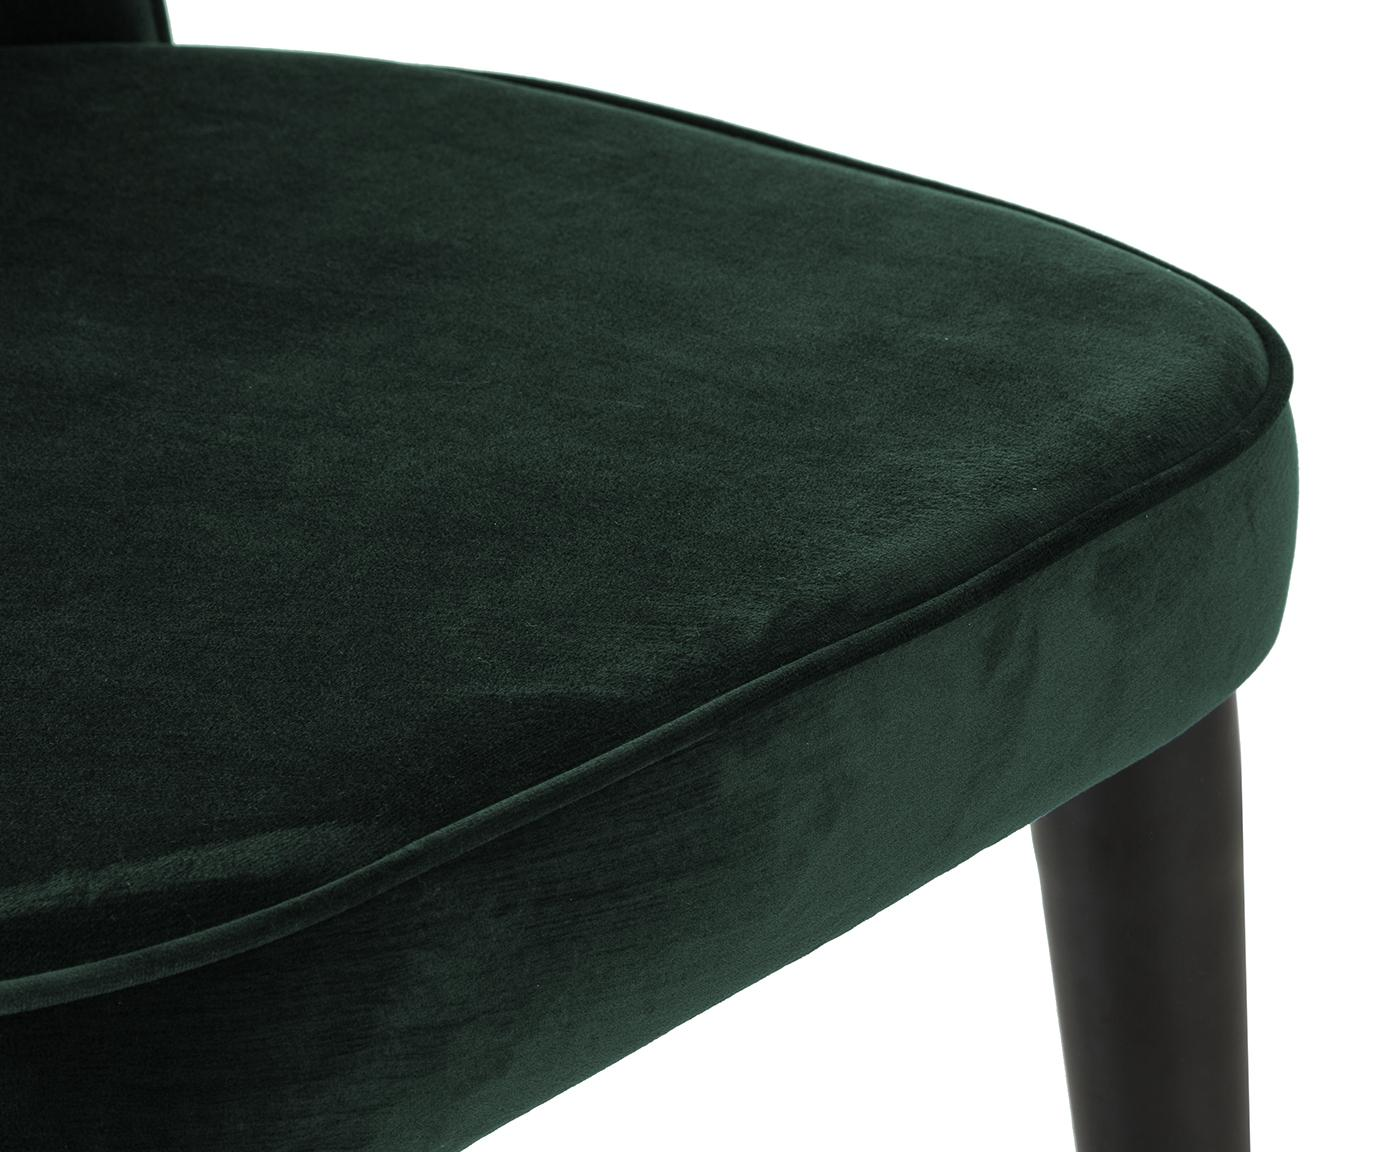 Krzesło tapicerowane z aksamitu Cleo, Tapicerka: aksamit (poliester) 5000, Nogi: metal lakierowany, Aksamitny ciemny zielony, S 51 x G 62 cm